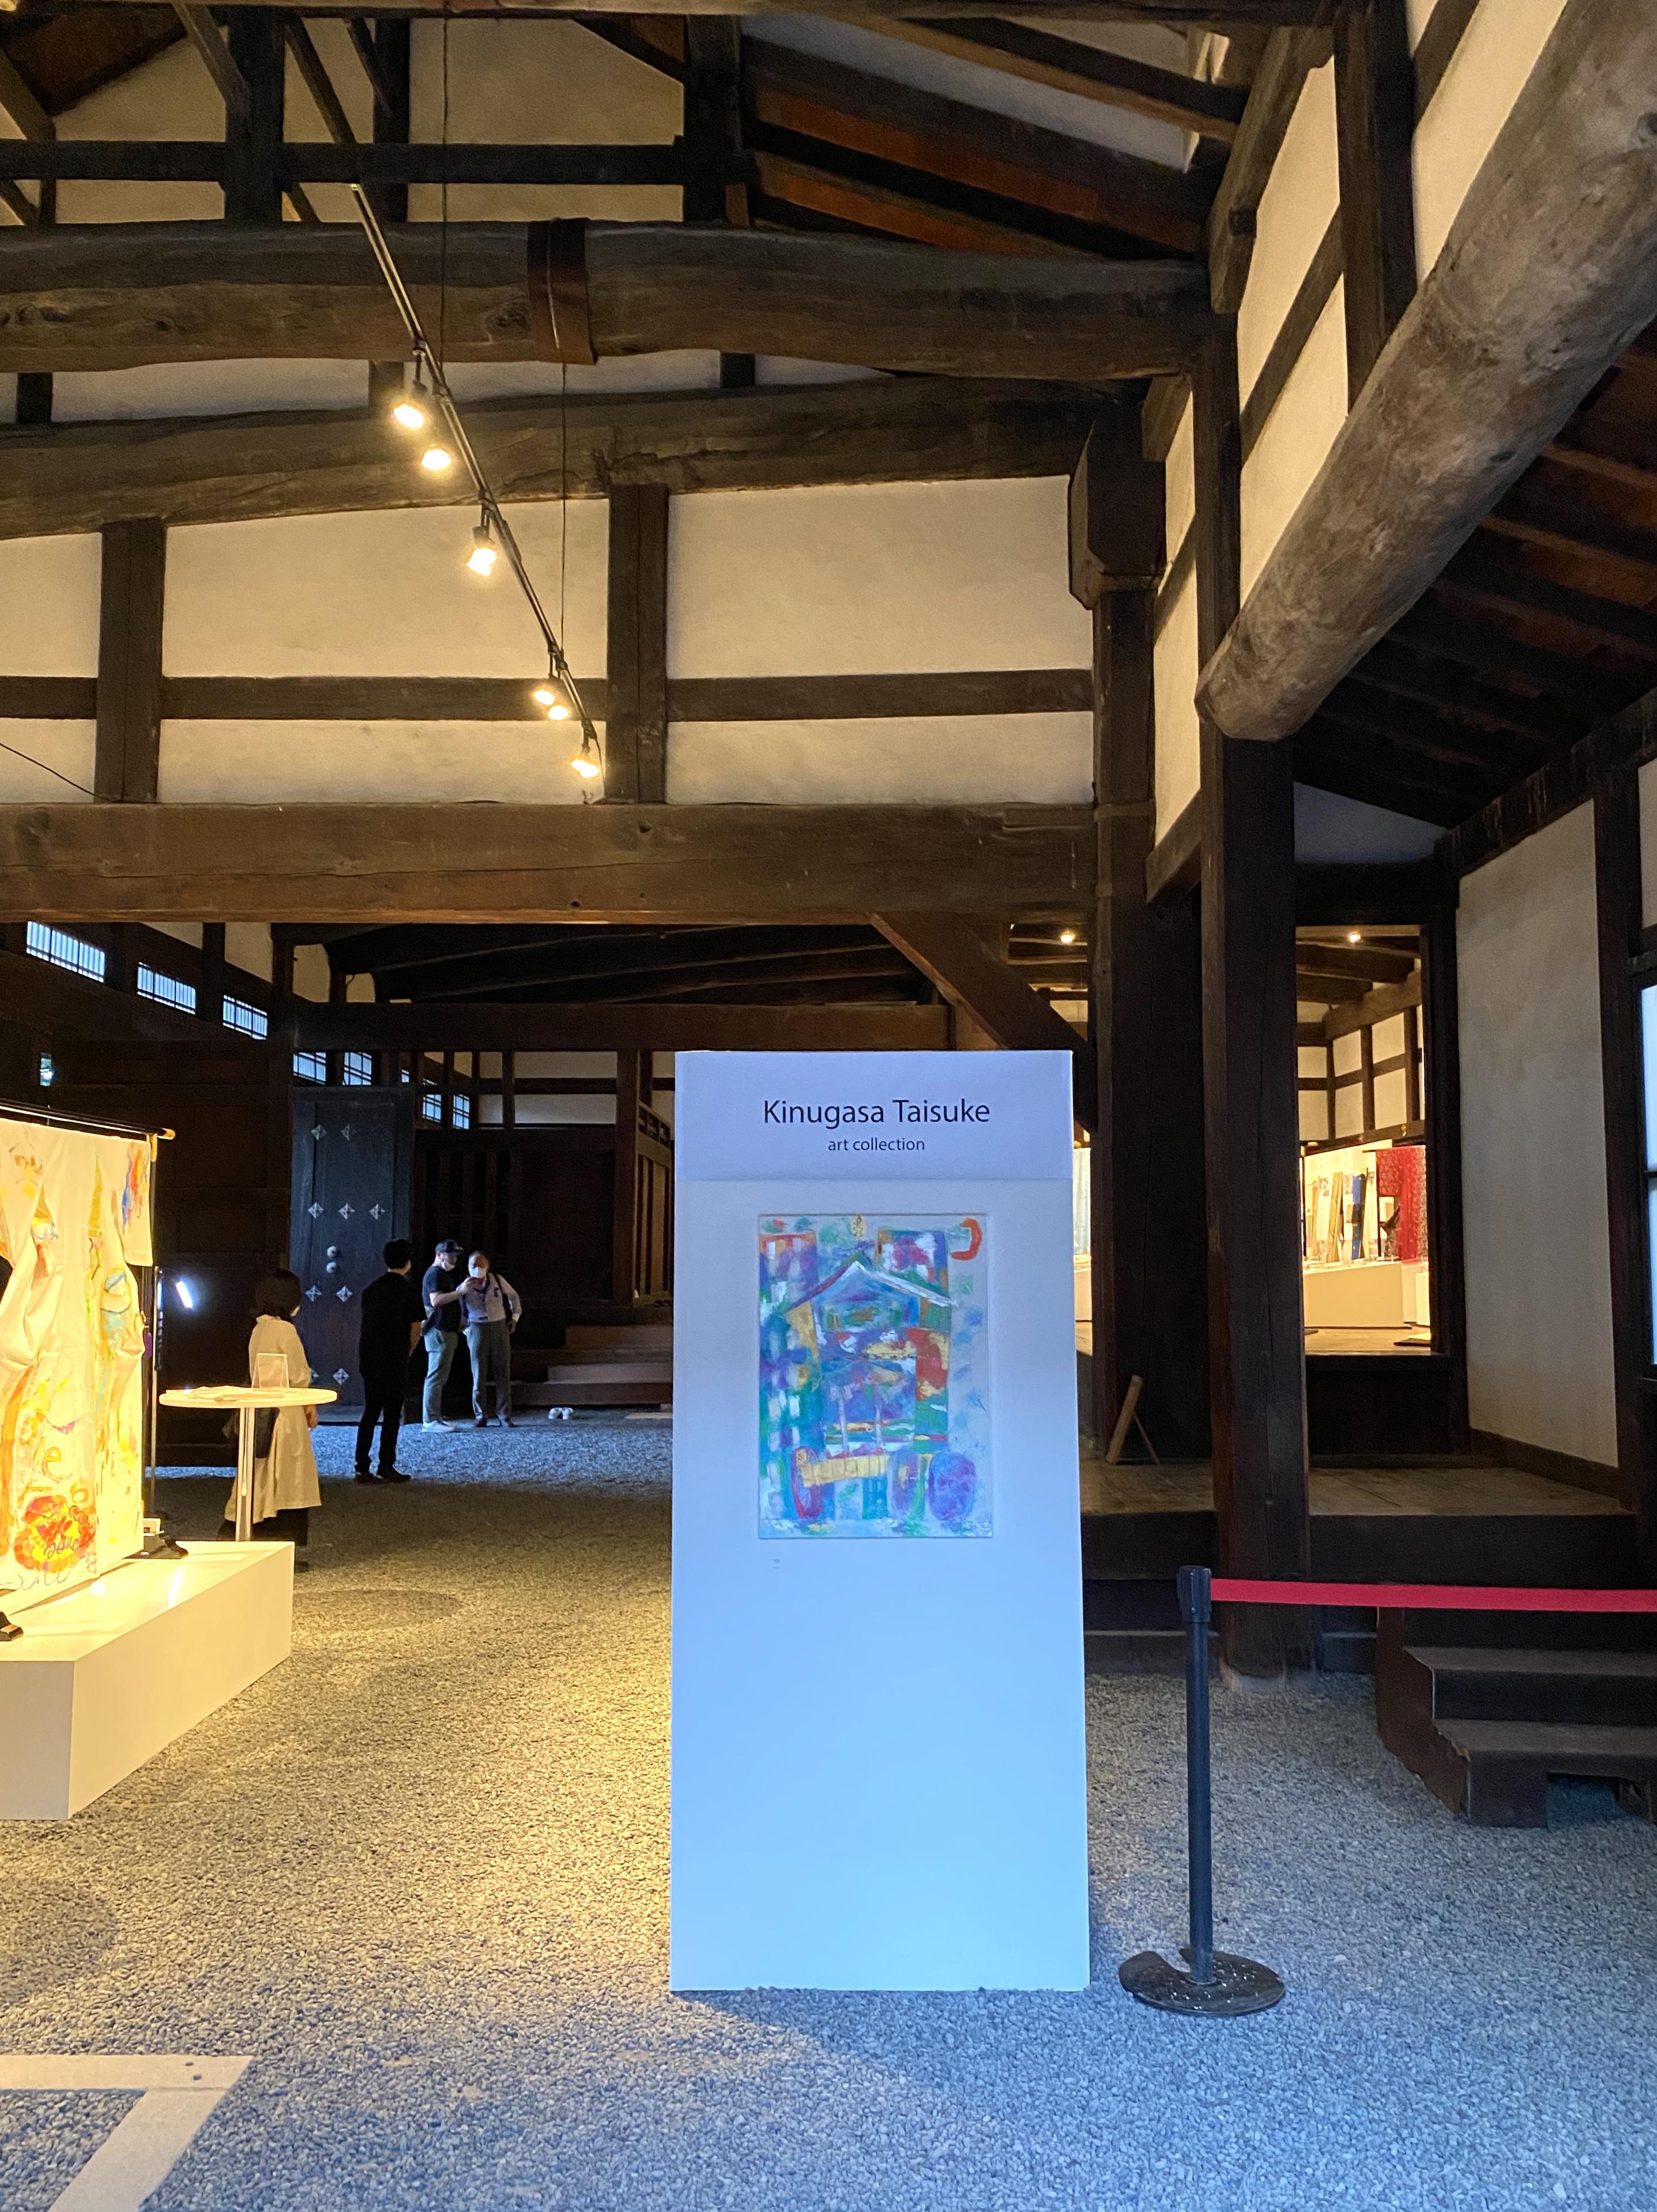 二条城アートアクアリウム 衣笠泰介コラボレーション展示